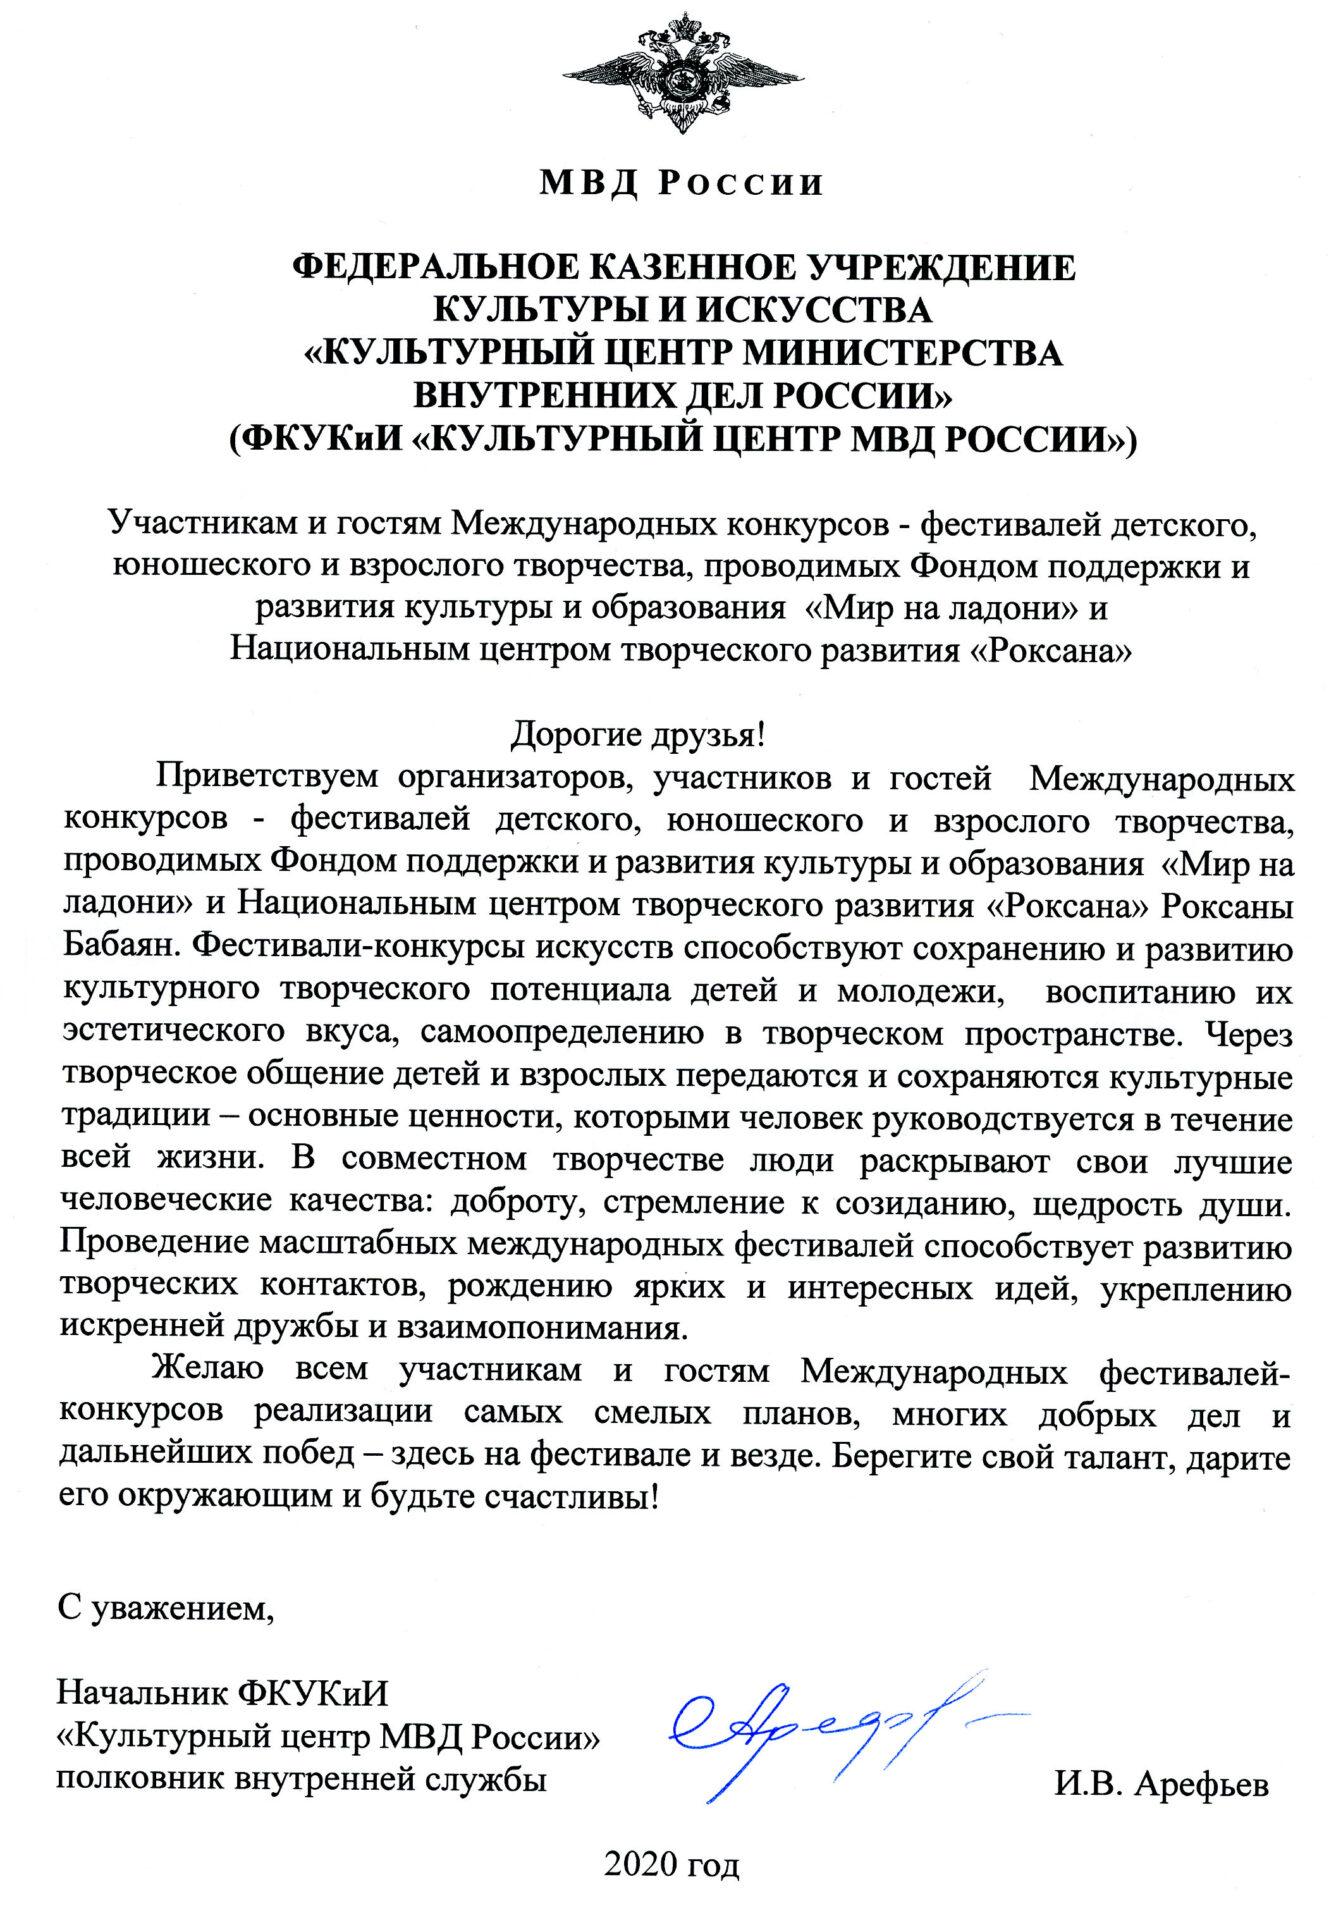 КЦ МВД ПИСЬМО